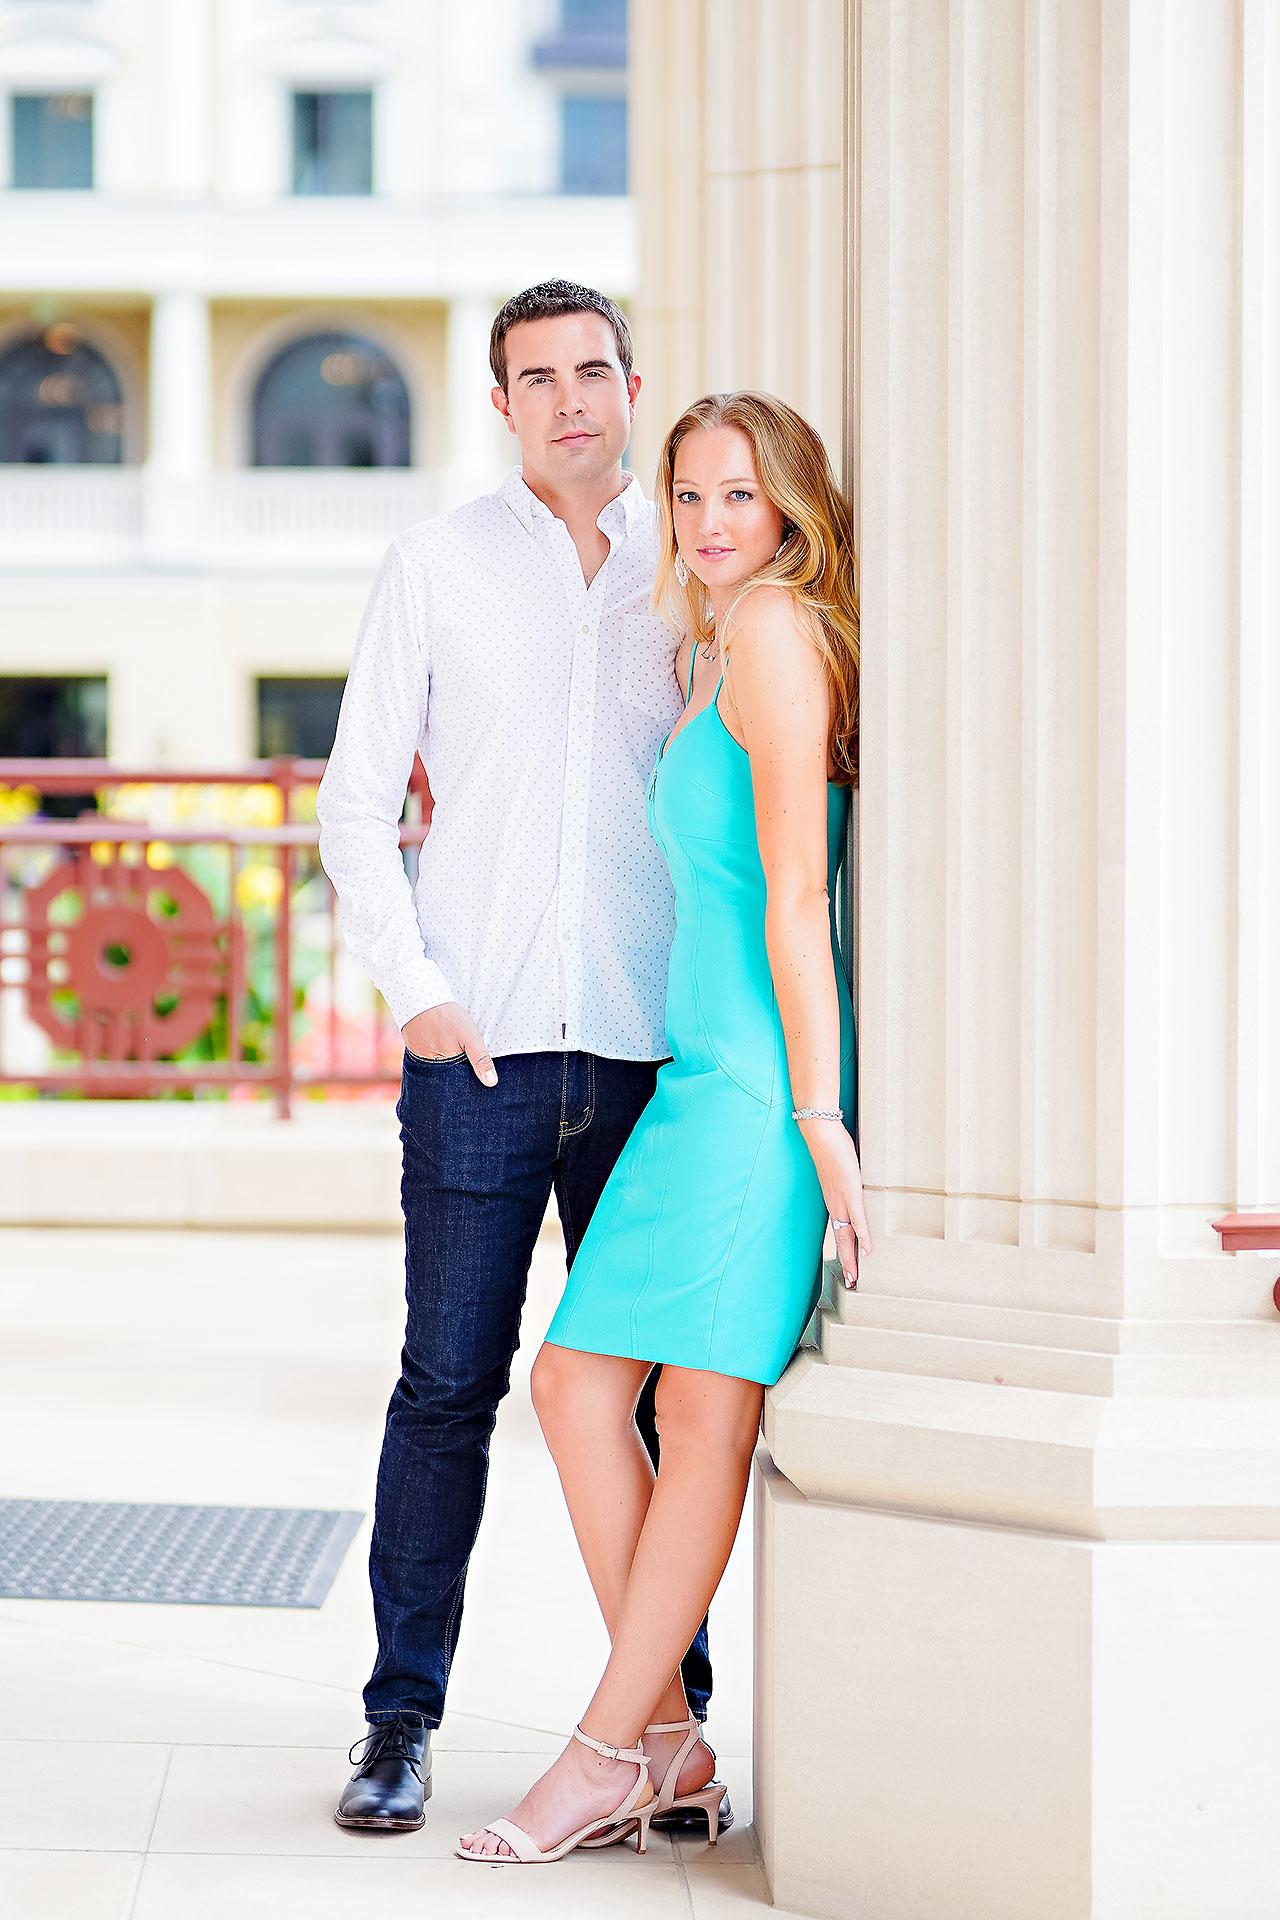 Liz Zach Midtown Carmel Engagement Session 127